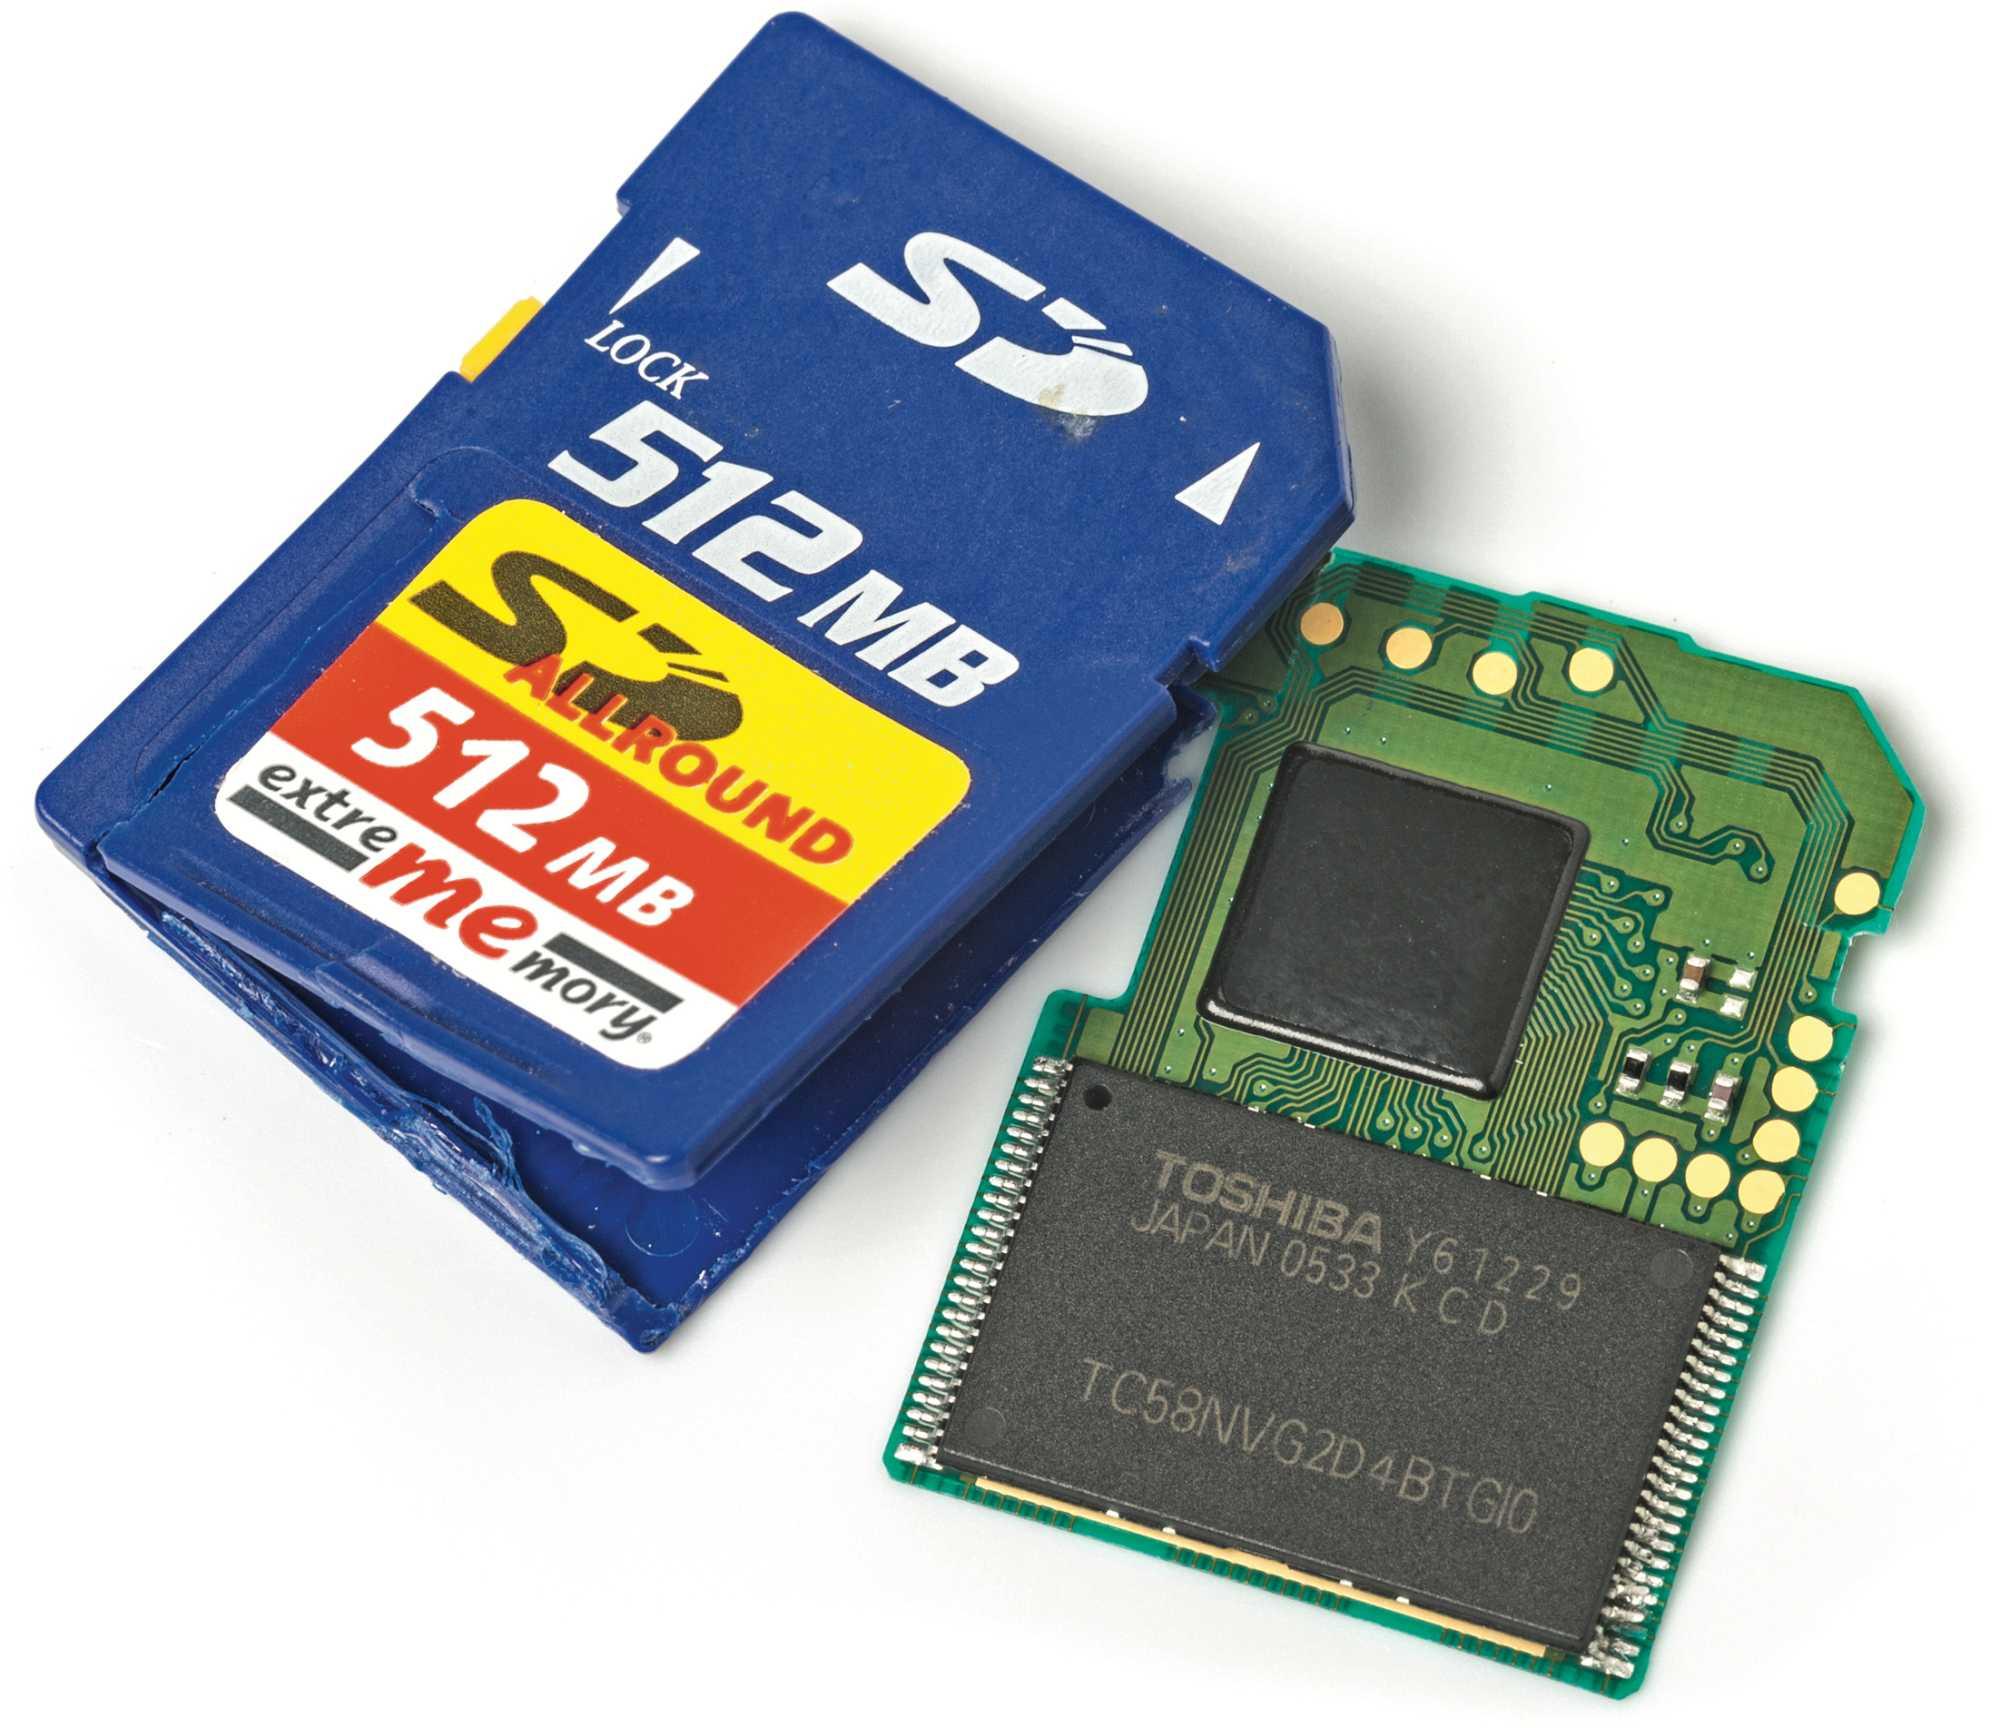 In SD-Karten steckt ein NAND-Flash-Speicher und meistens auch ein kleinerer Controller-Chip. Dessen Firmware lässt sich manipulieren, um höhere Kapazität vorzugaukeln.